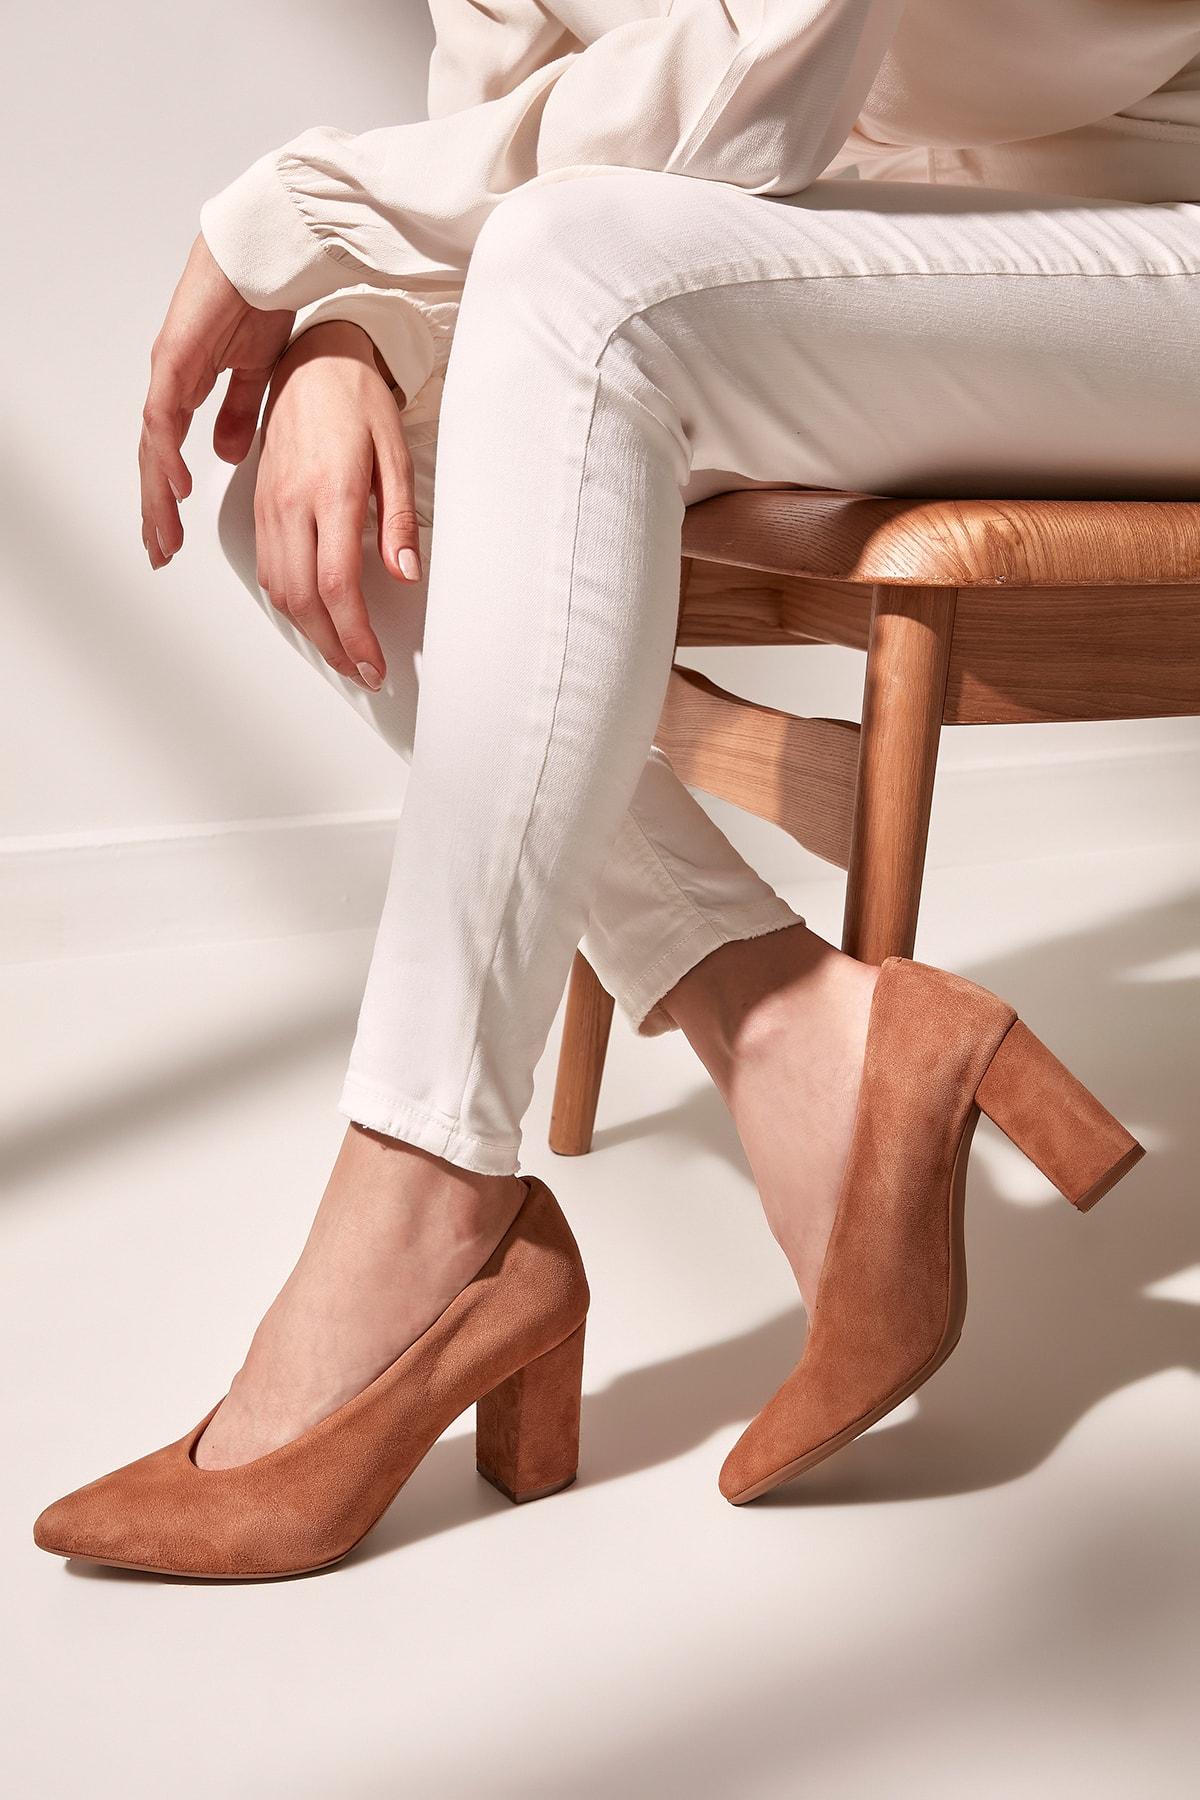 Hotiç Hakiki Deri Taba Kadın Klasik Topuklu Ayakkabı 01AYH154480A370 1